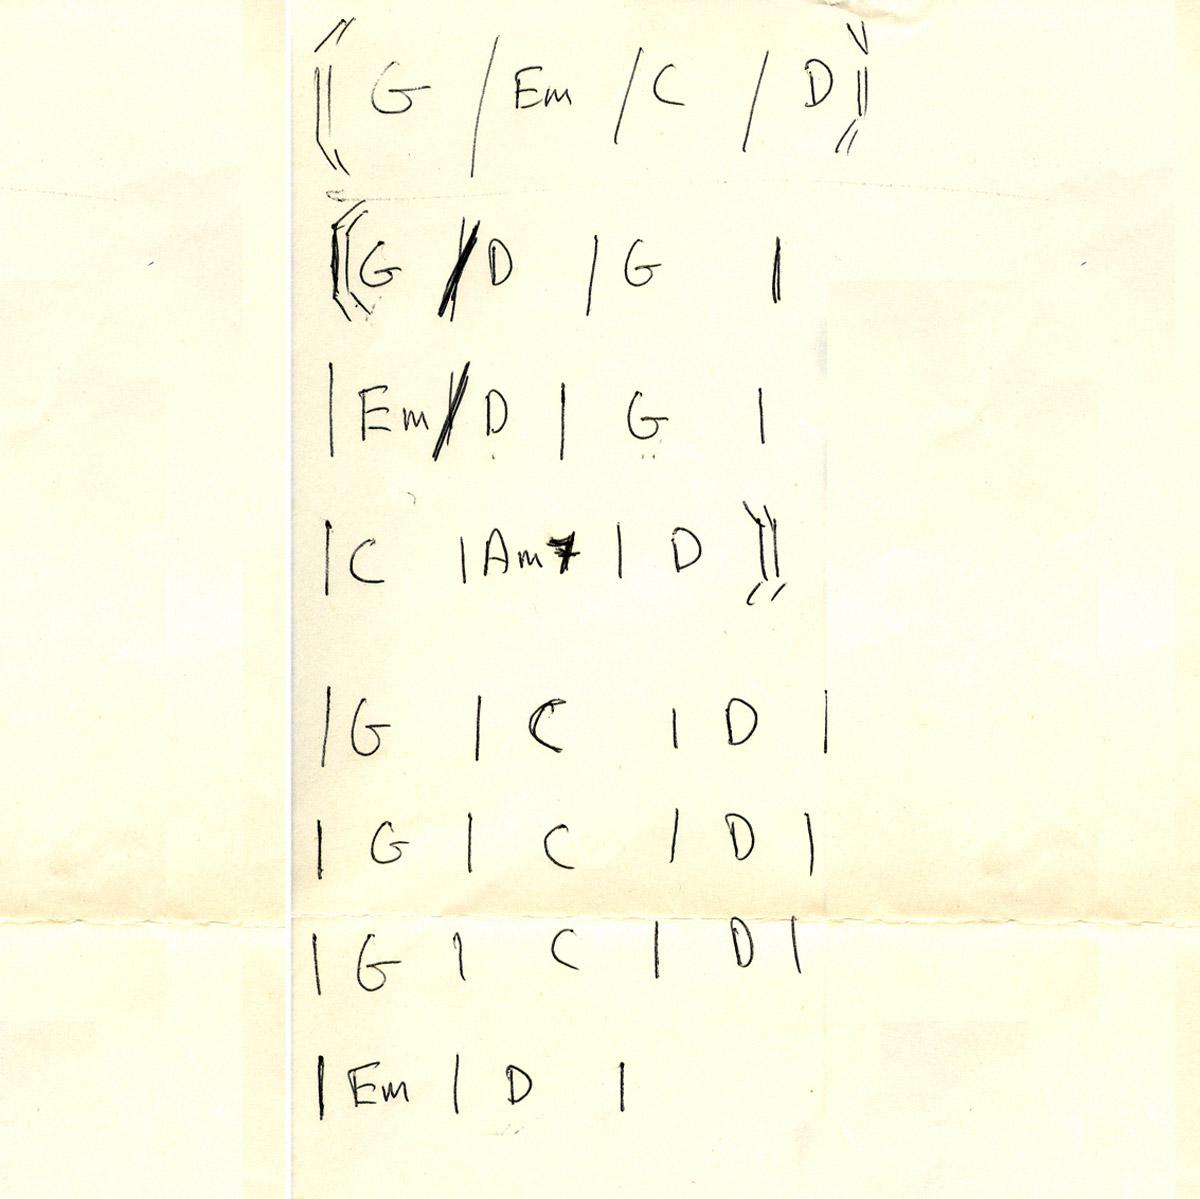 Accordi autografi di Dougie per il provino dell'Isola del Tesoro realizzato a casa di Lucio